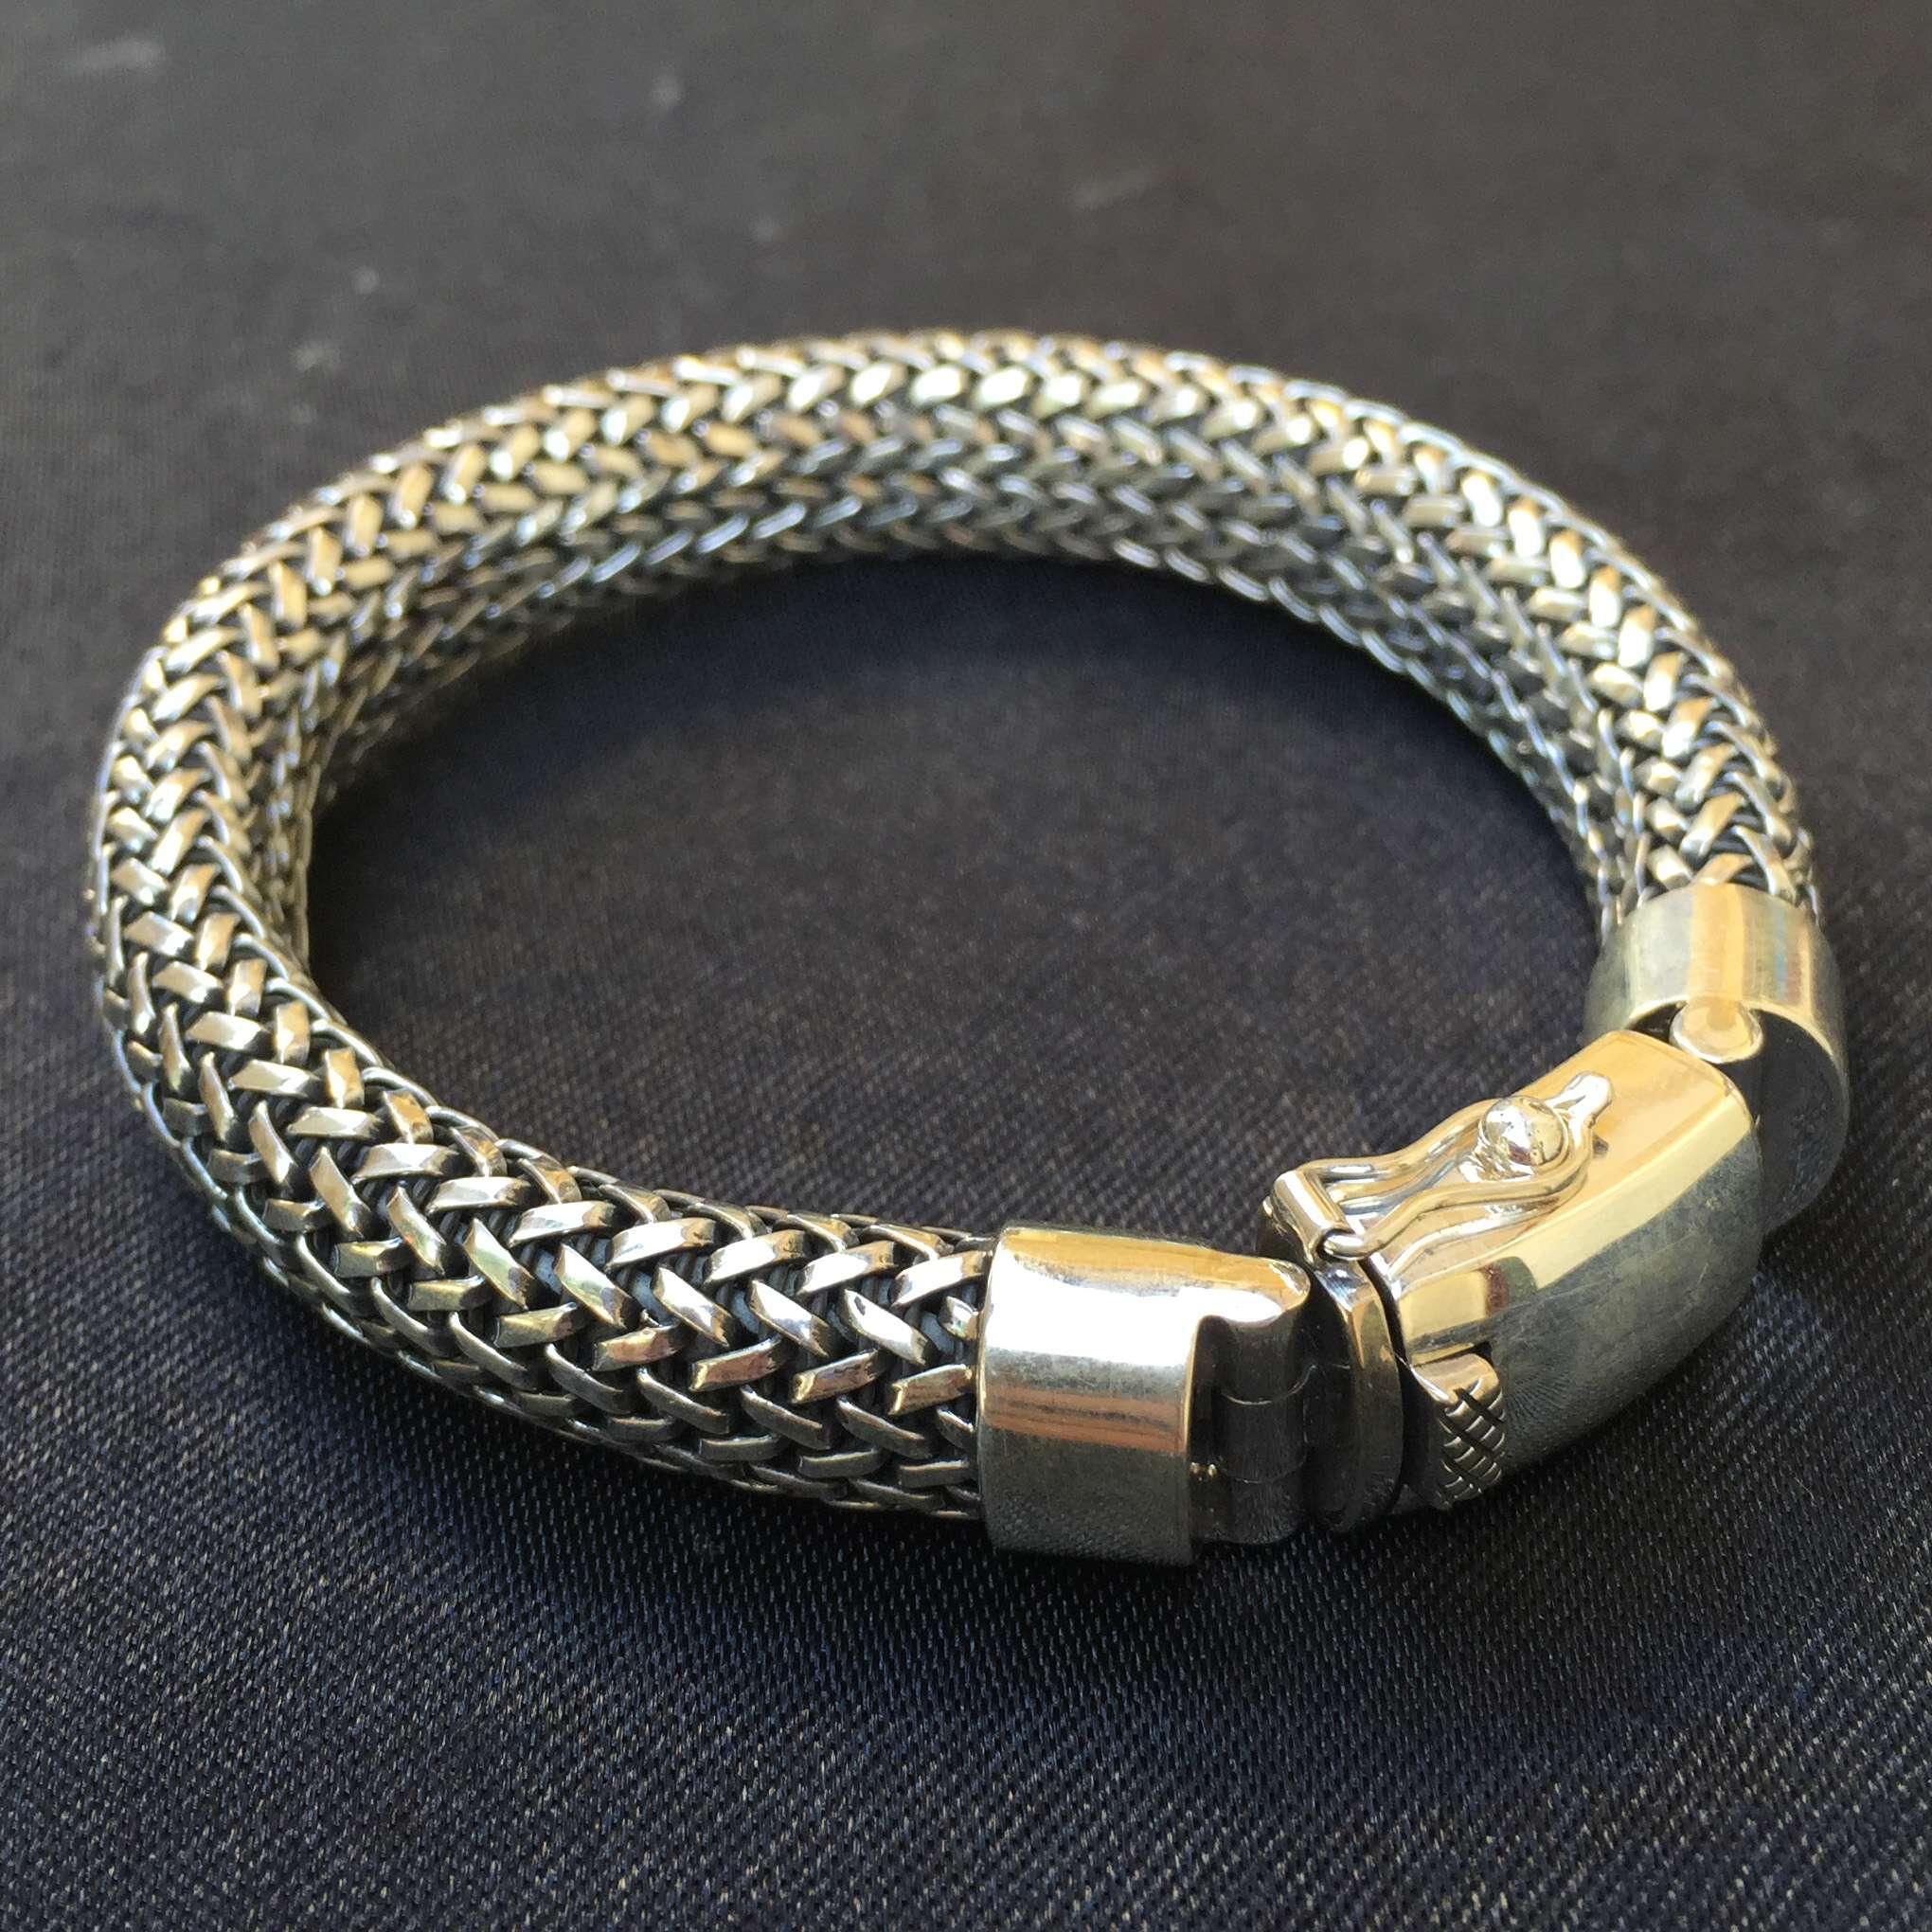 Br 12320 1 Pc Of Hand Weaving 925 Bali Silver Bracelets 10 Mm 210